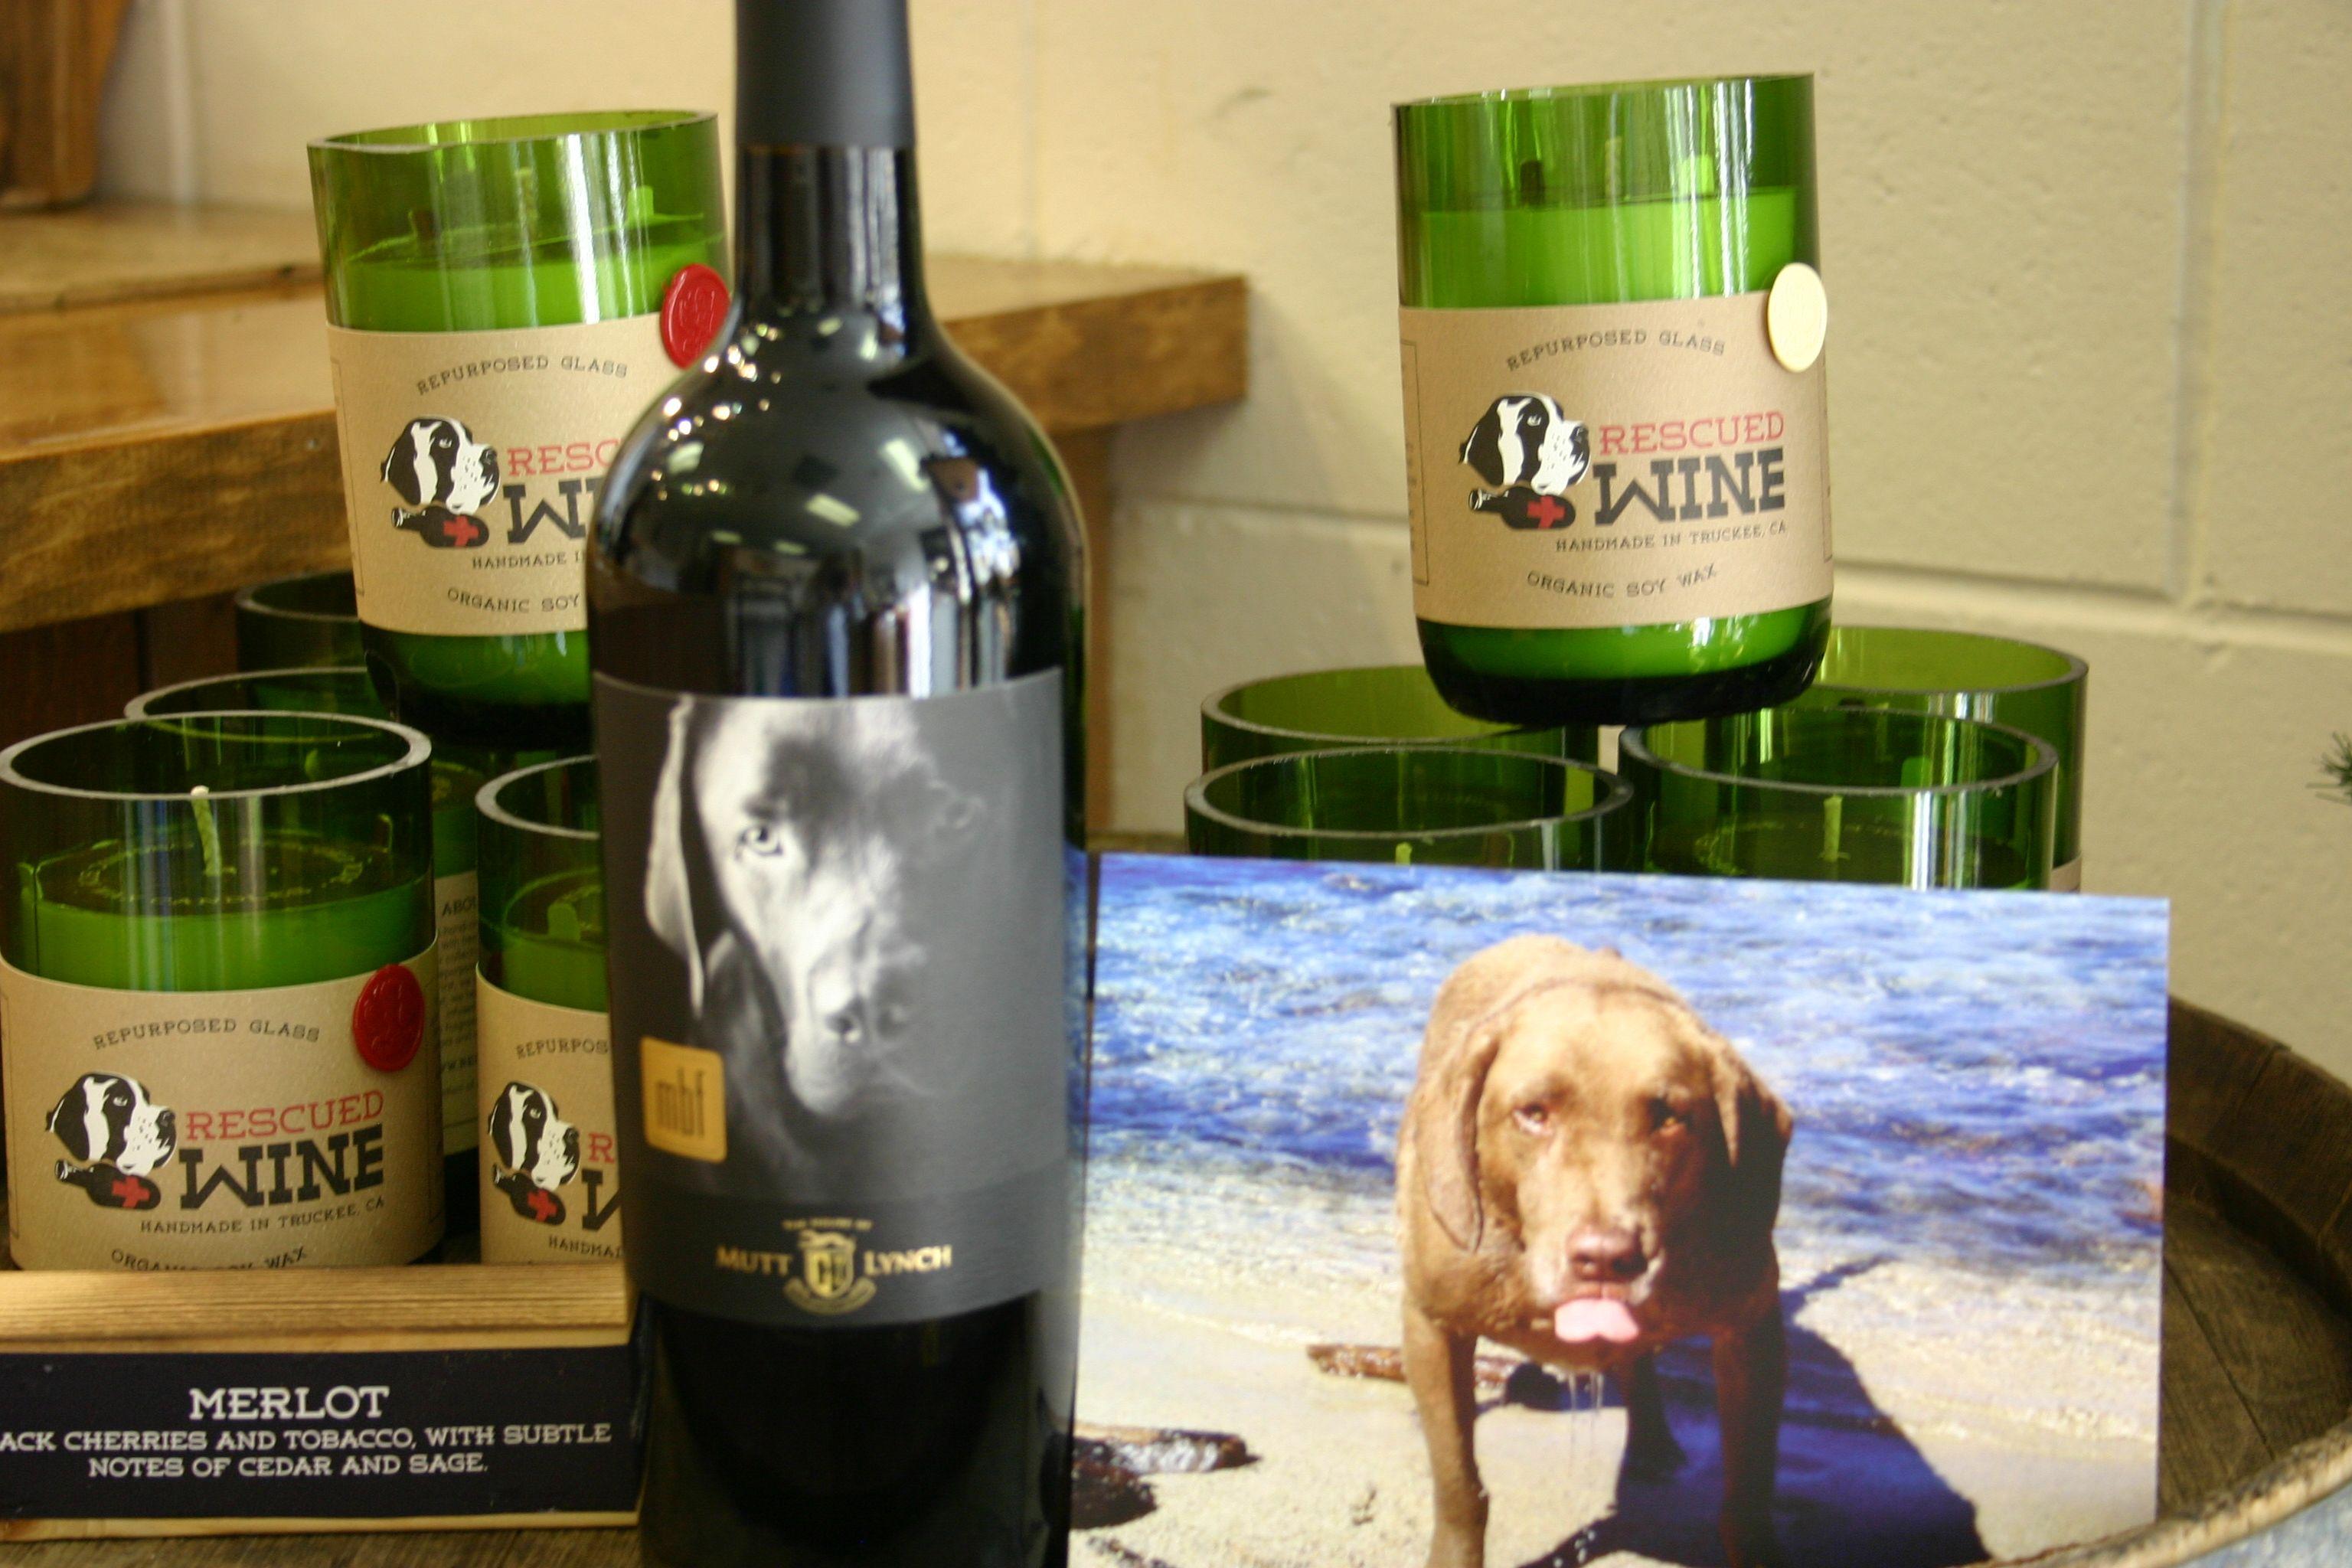 Rescued Wine | Wine bottle candles, Wine bottle, Bottle ...